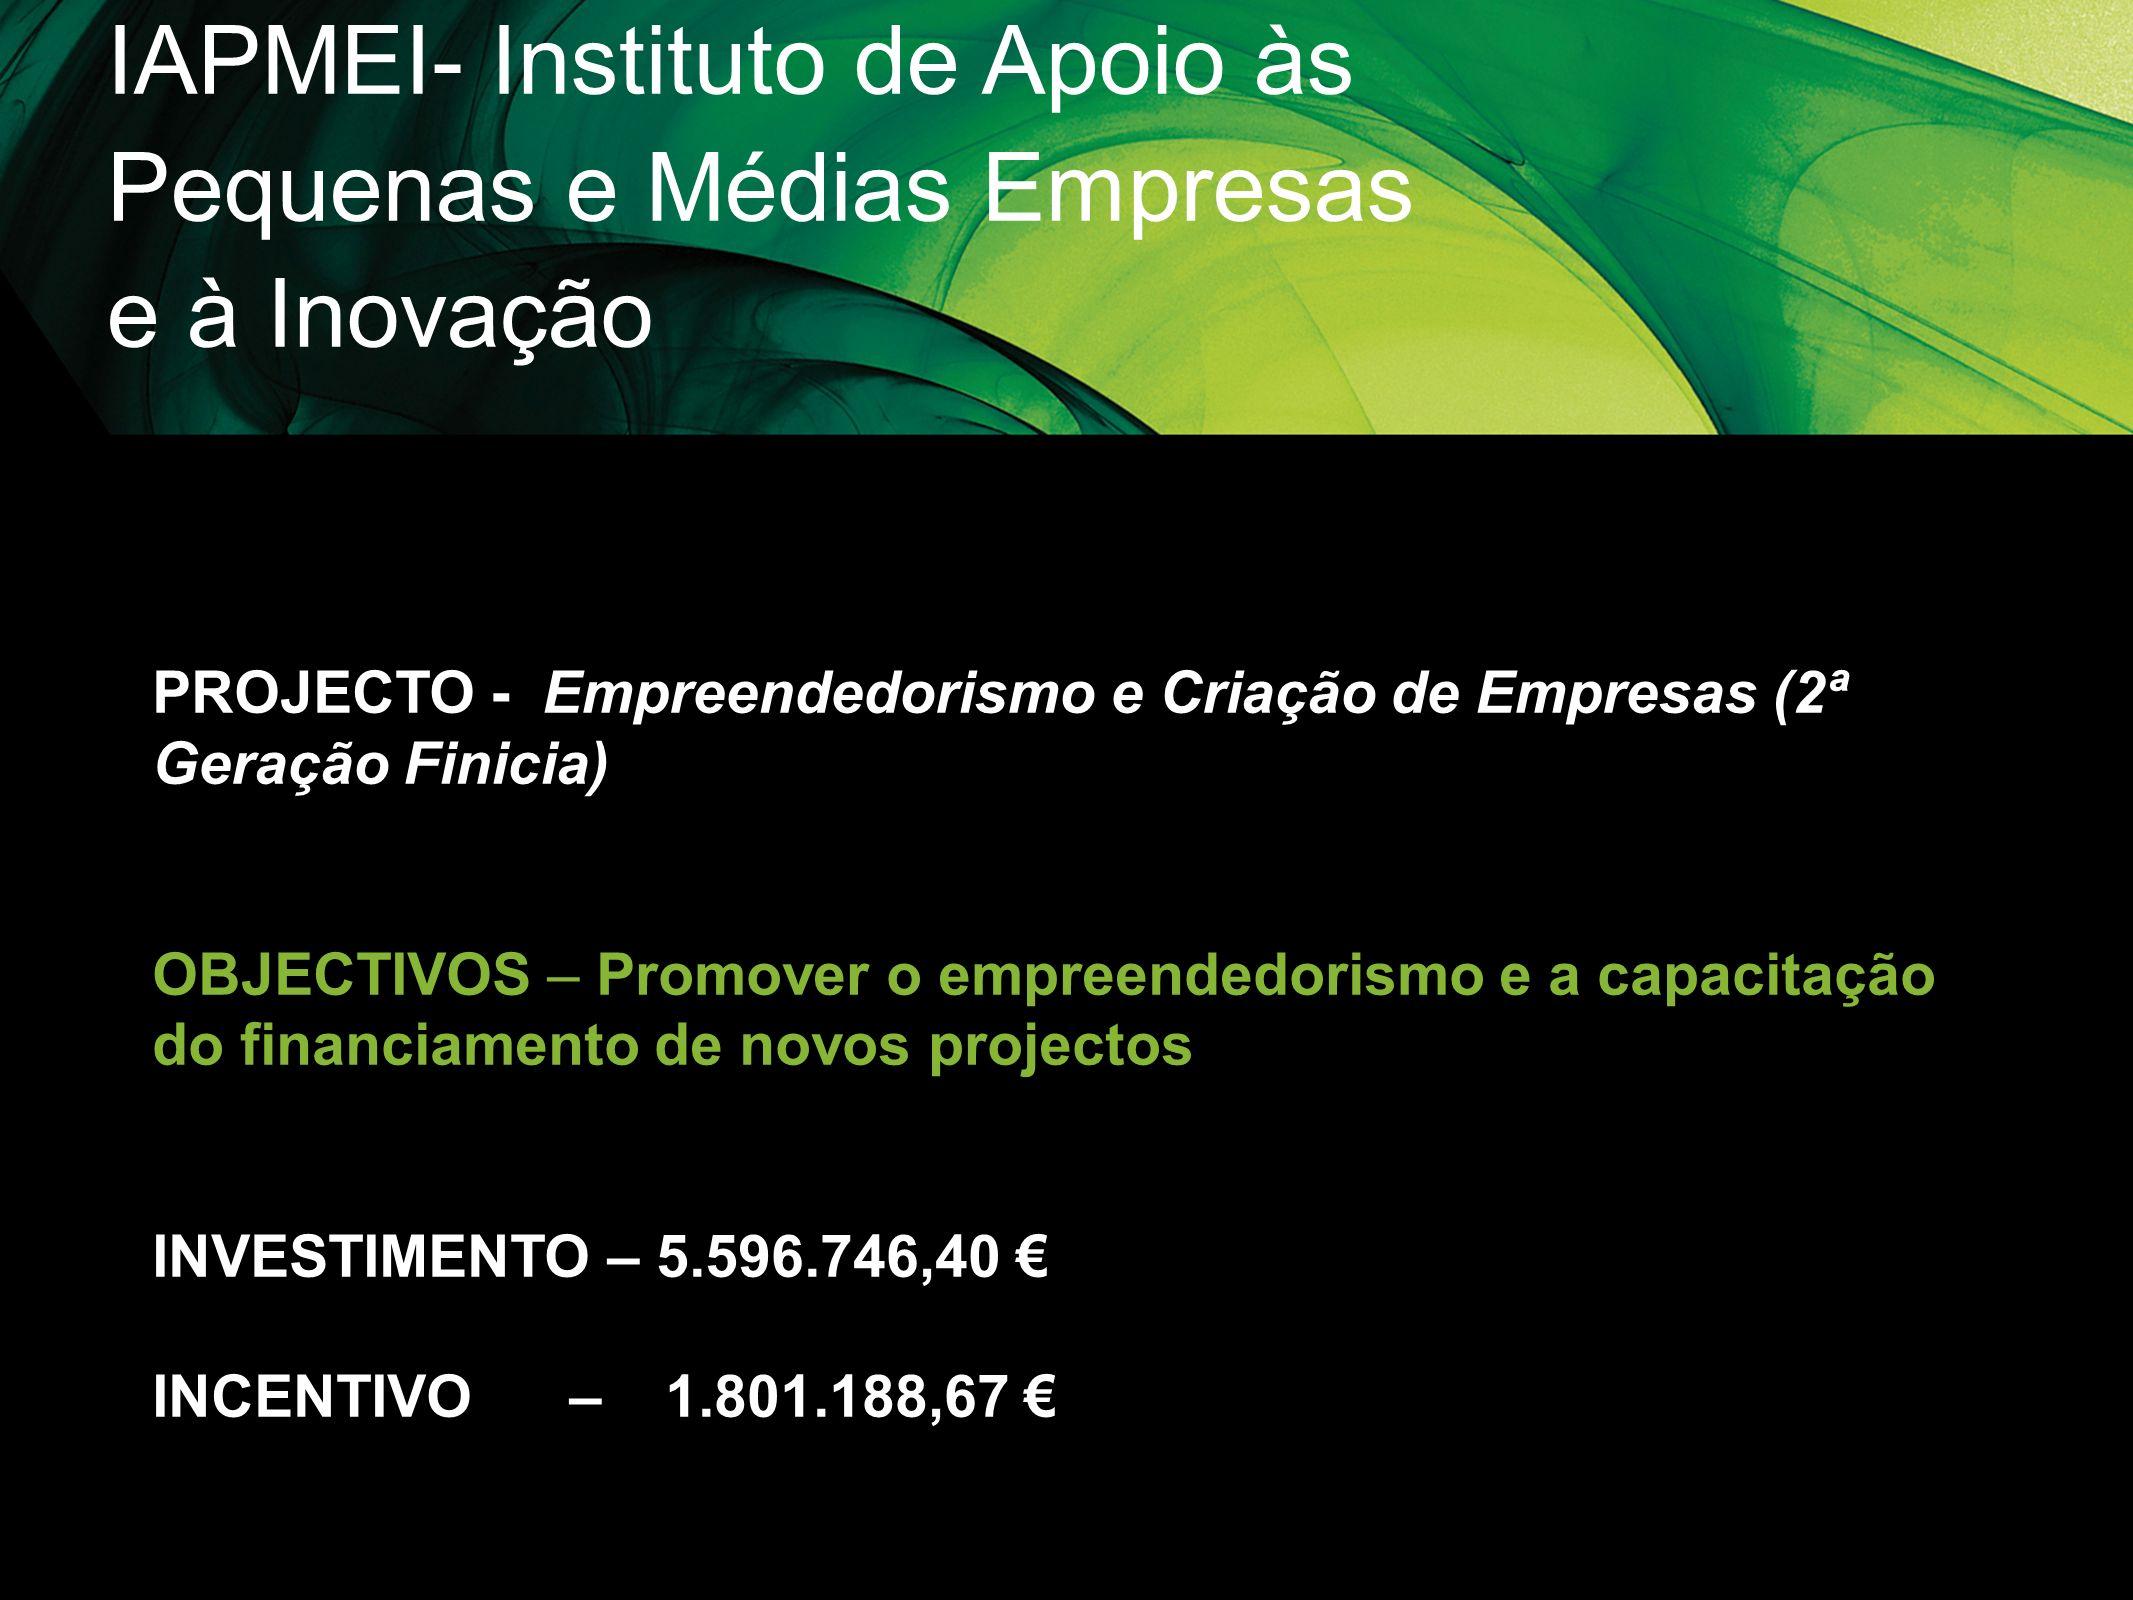 IAPMEI- Instituto de Apoio às Pequenas e Médias Empresas e à Inovação PROJECTO - Empreendedorismo e Criação de Empresas (2ª Geração Finicia) OBJECTIVO